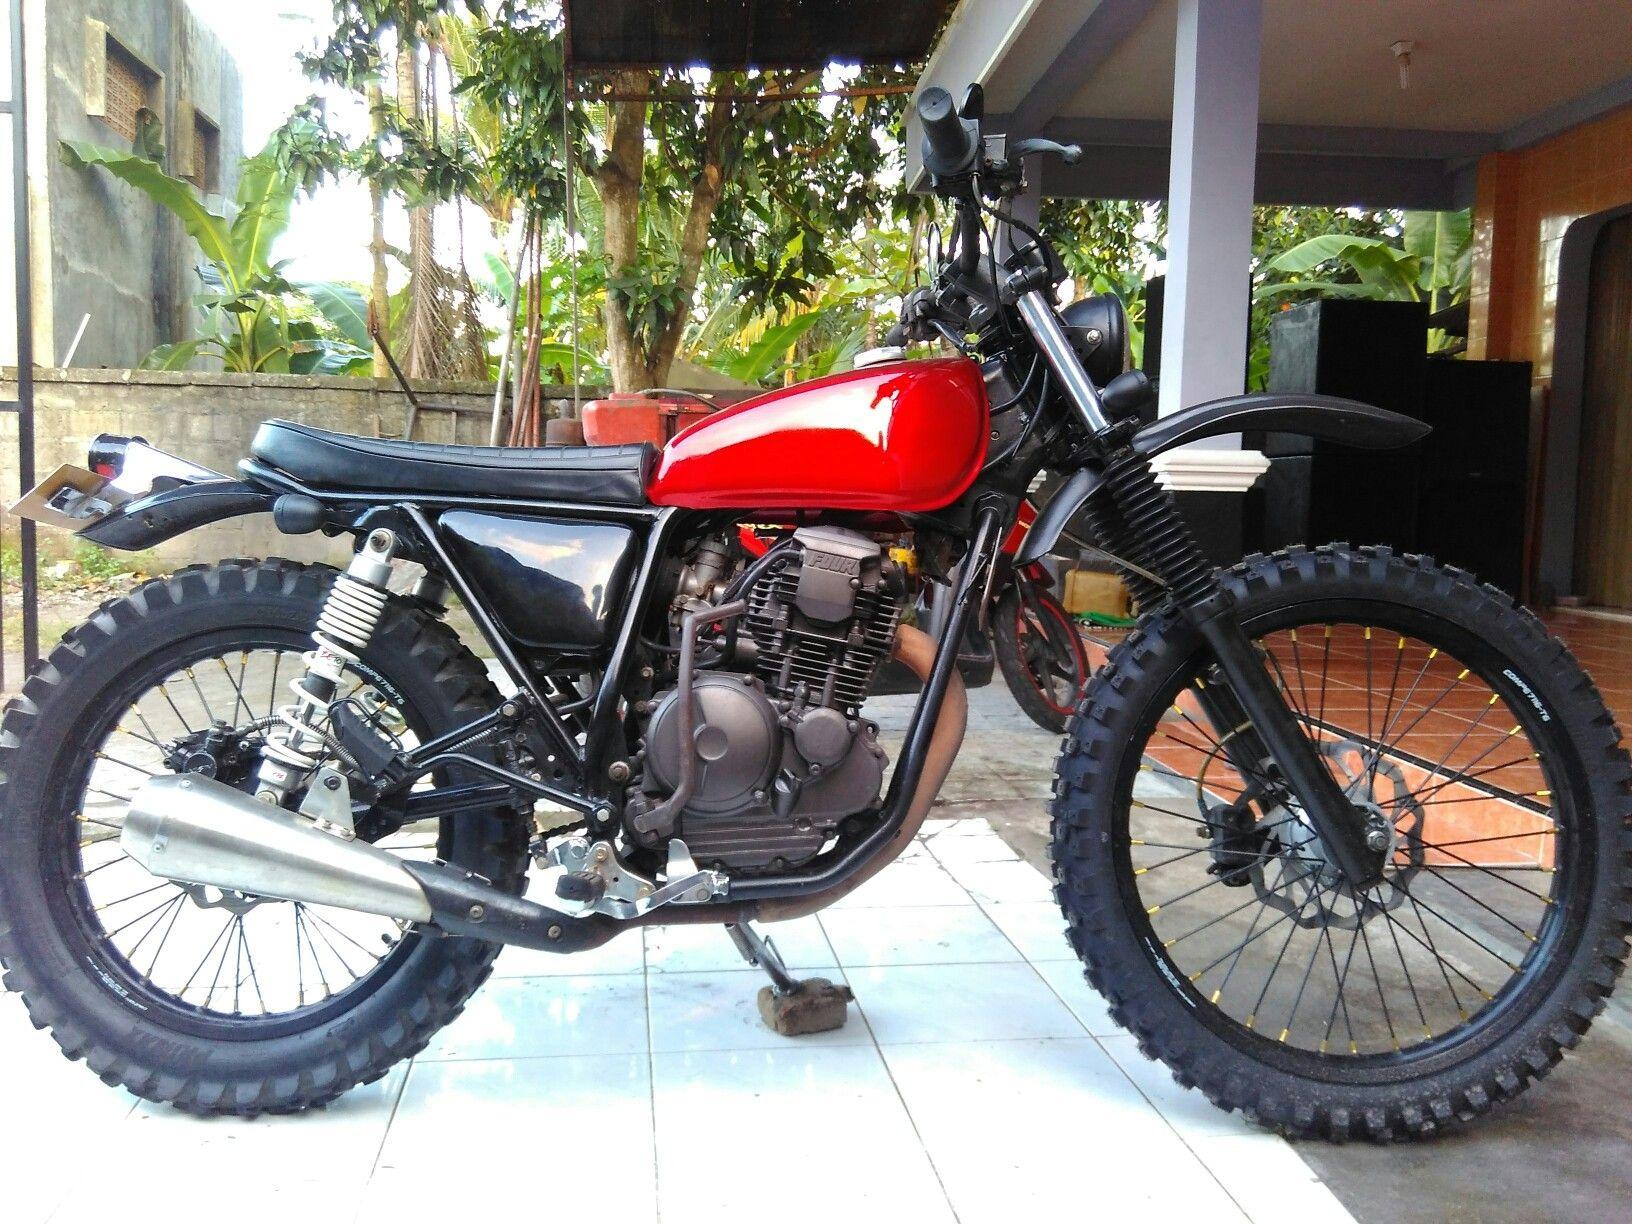 Yamaha Scorpio Scrambler Vintage Dirt Bike Scorpio 225 Ssx 225 Mobil Kendaraan Klasik